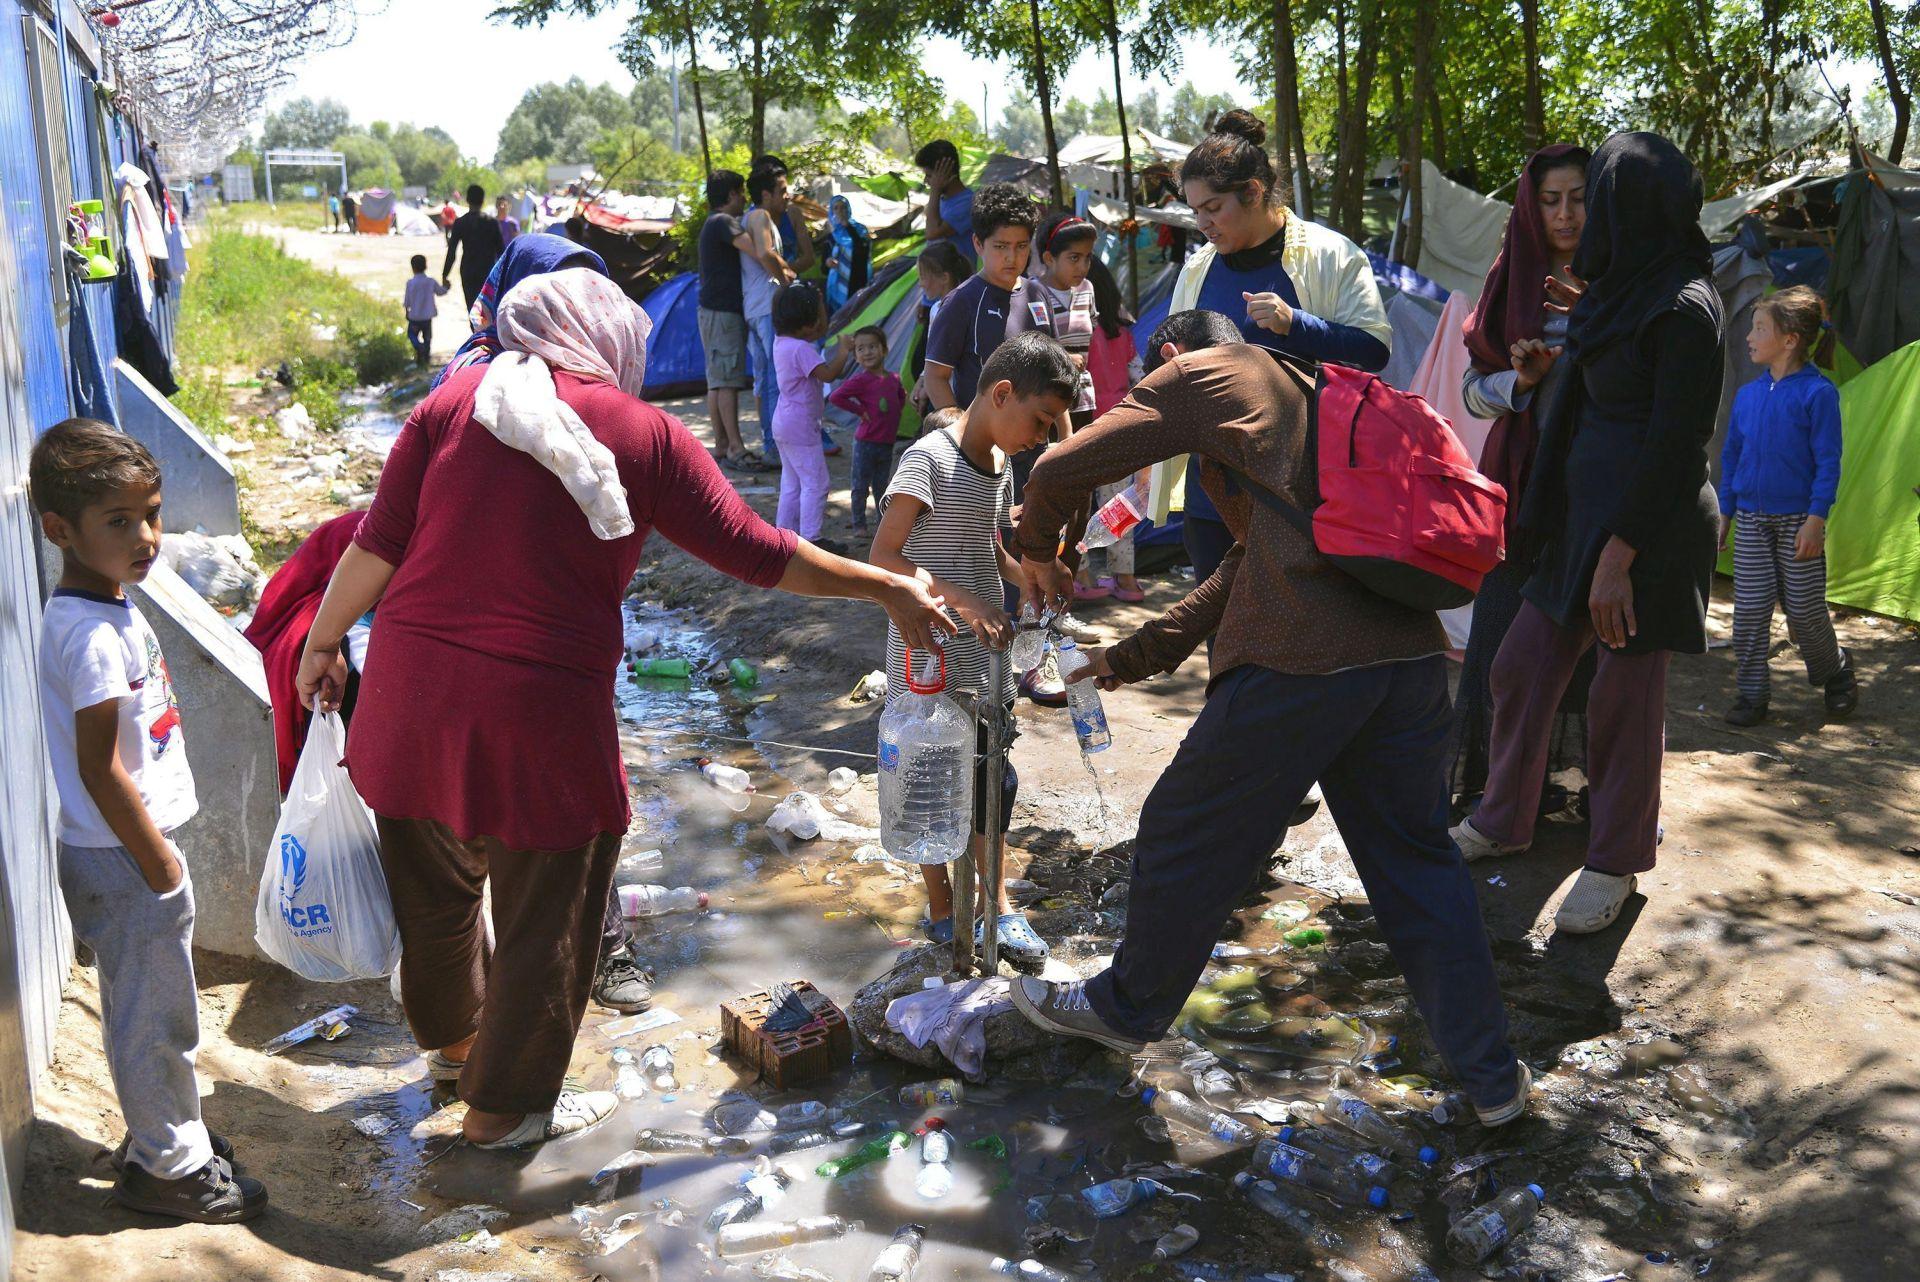 SUKOB U IZBJEGLIČKOM CENTRU: Potukli se migranti u Mađarskoj, devet ozlijeđenih